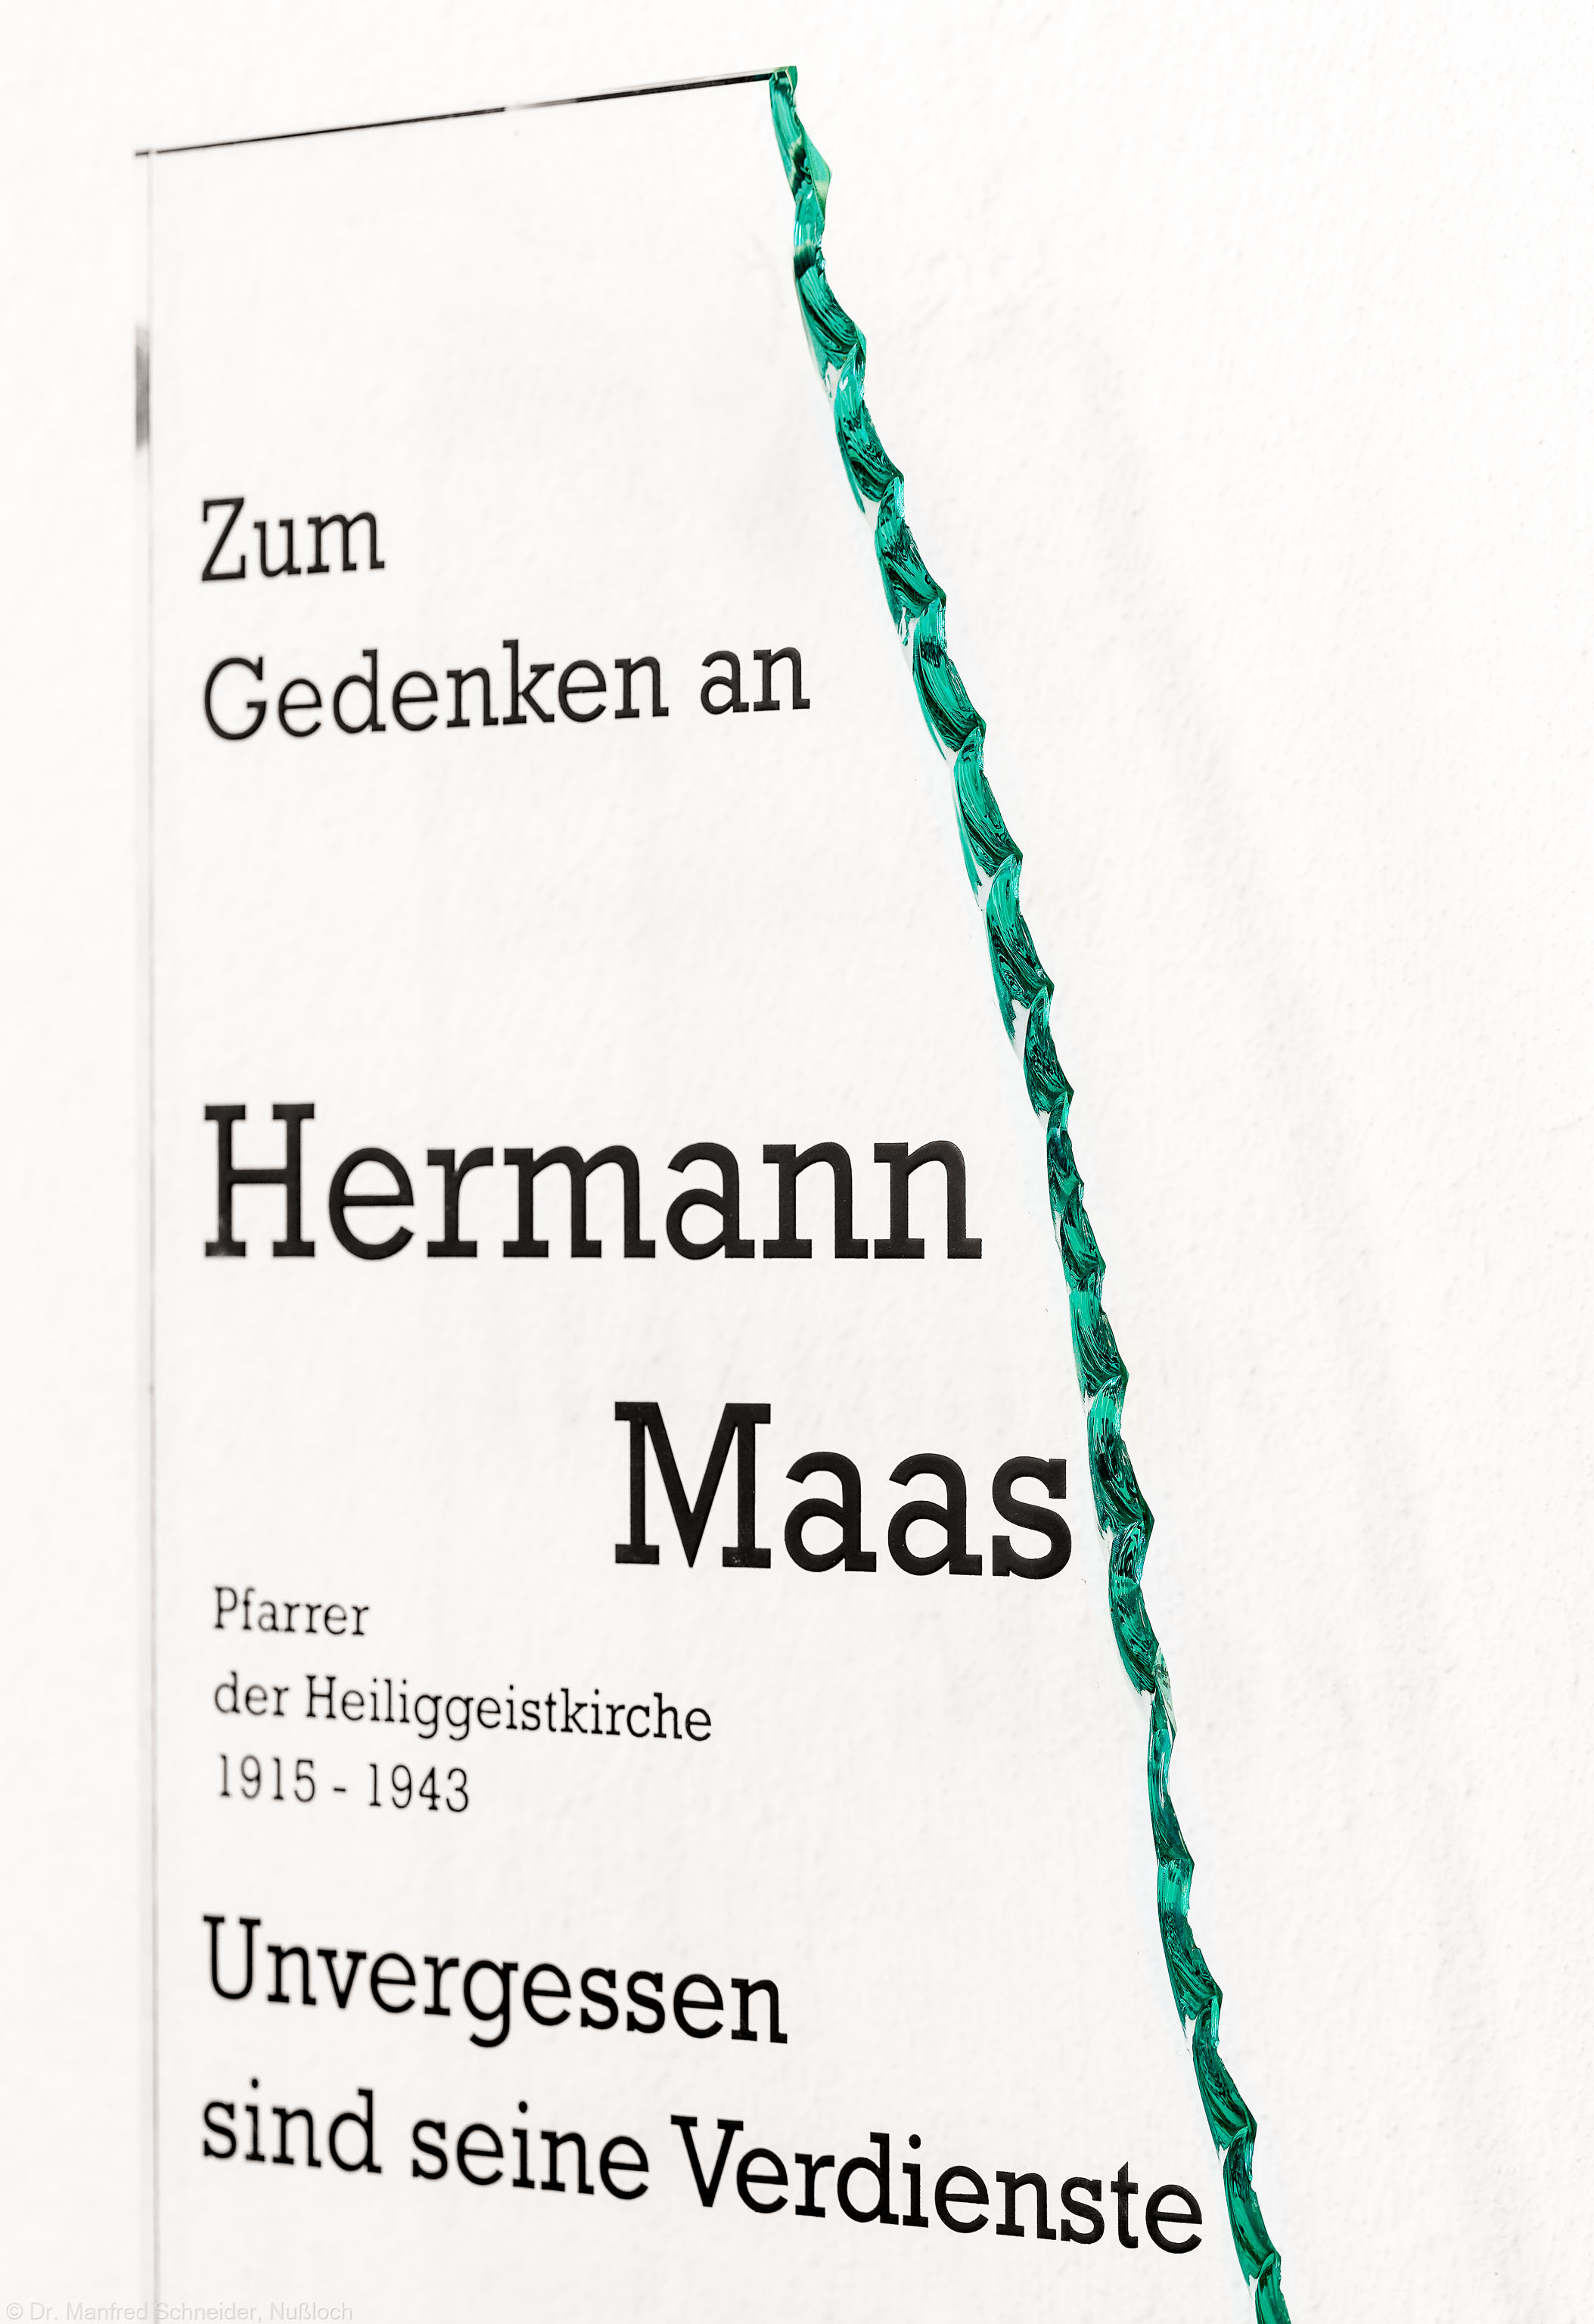 Heidelberg - Heiliggeistkirche - Südschiff/Chor - Gedenktafel für Hermann Maas, an der Südwand, in Höhe der ehemaligen Scheidewand (aufgenommen im Januar 2014, am frühen Nachmittag)